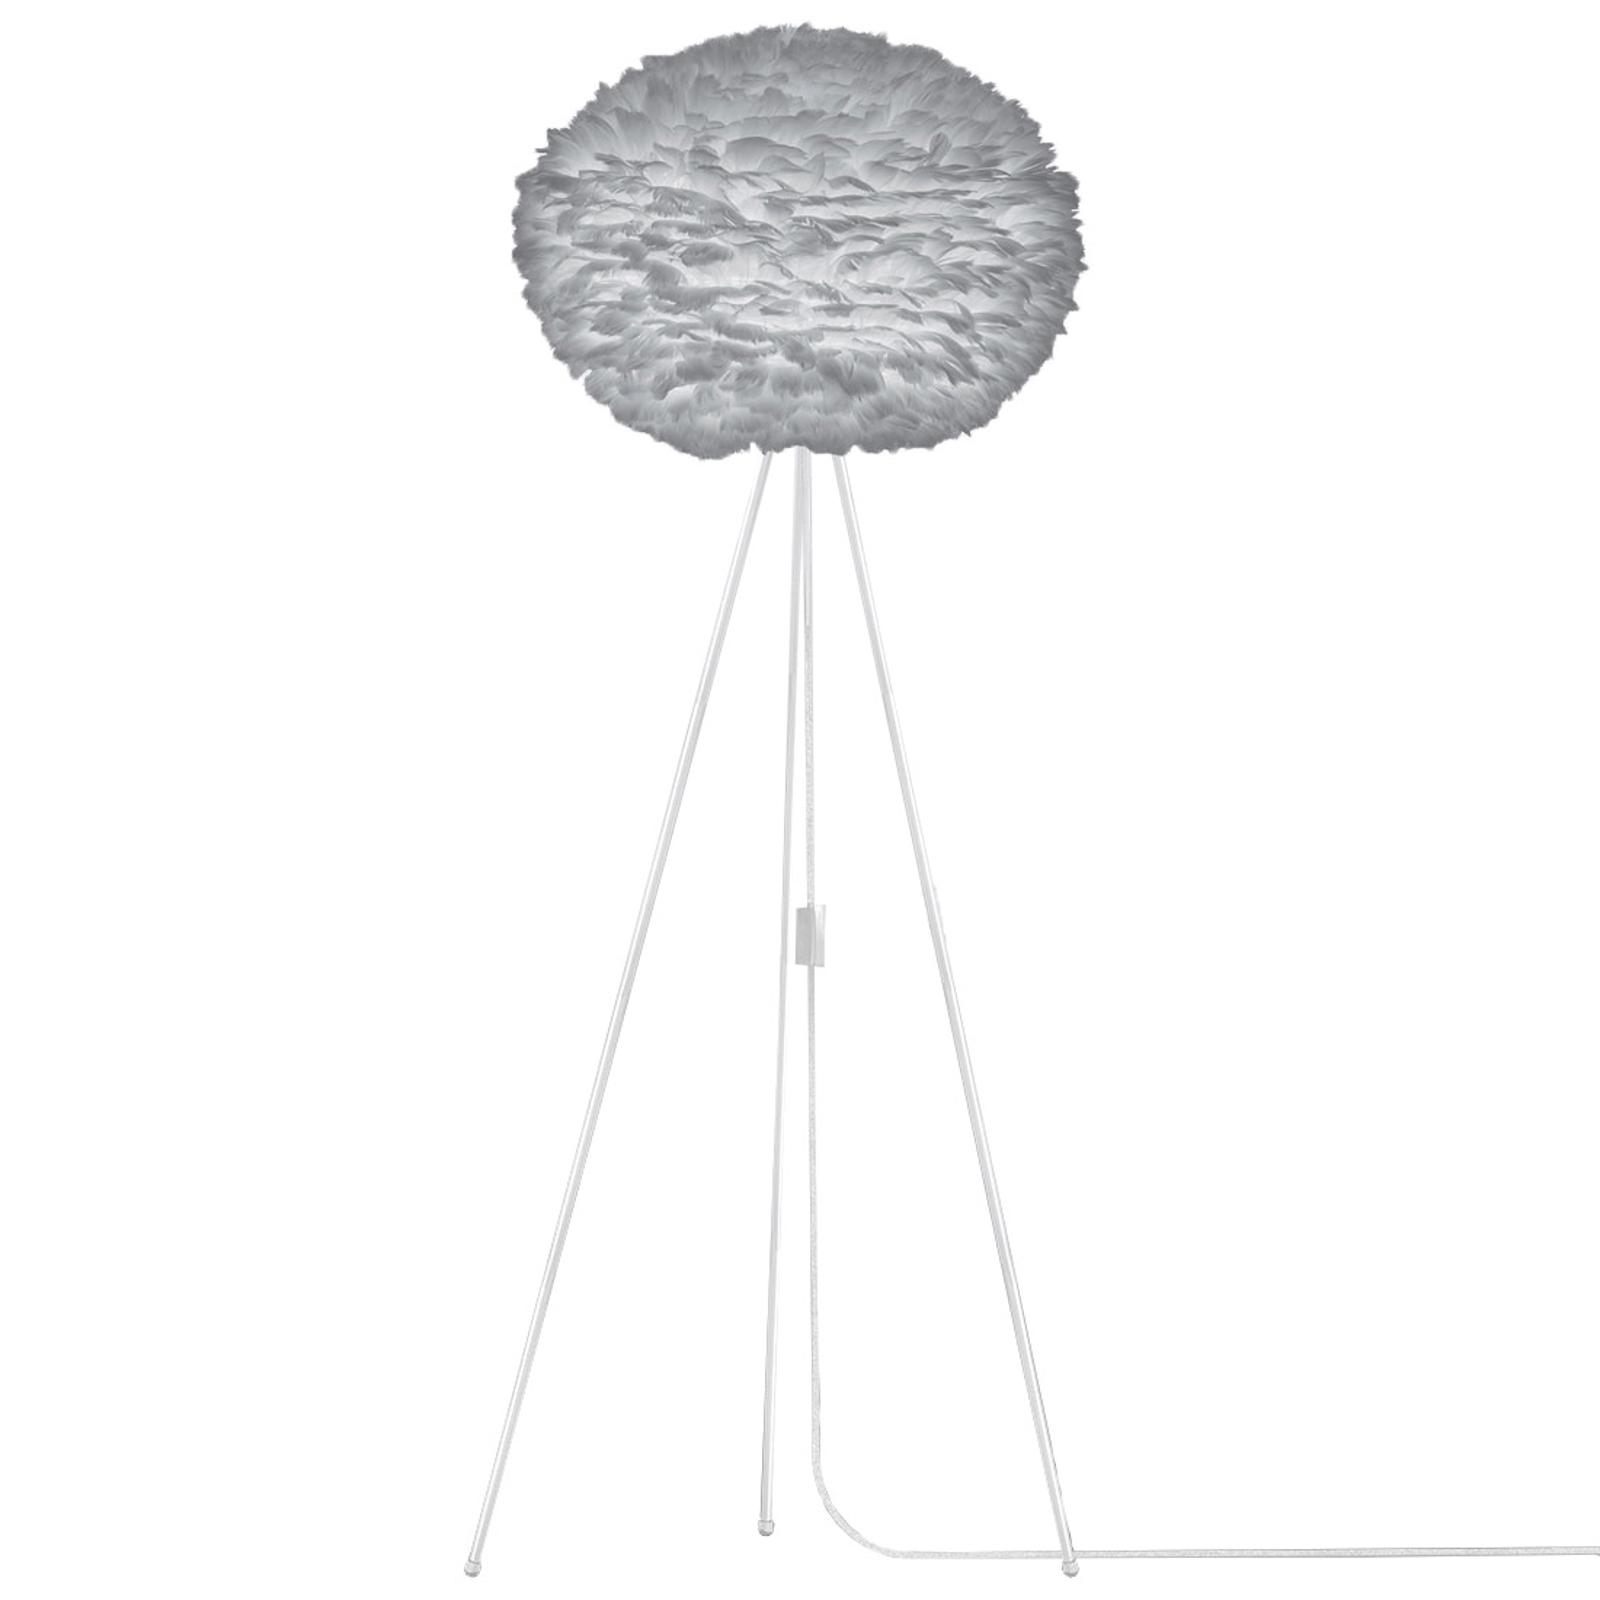 Gulvlampe Eos large med trebeinet lampefot - grå